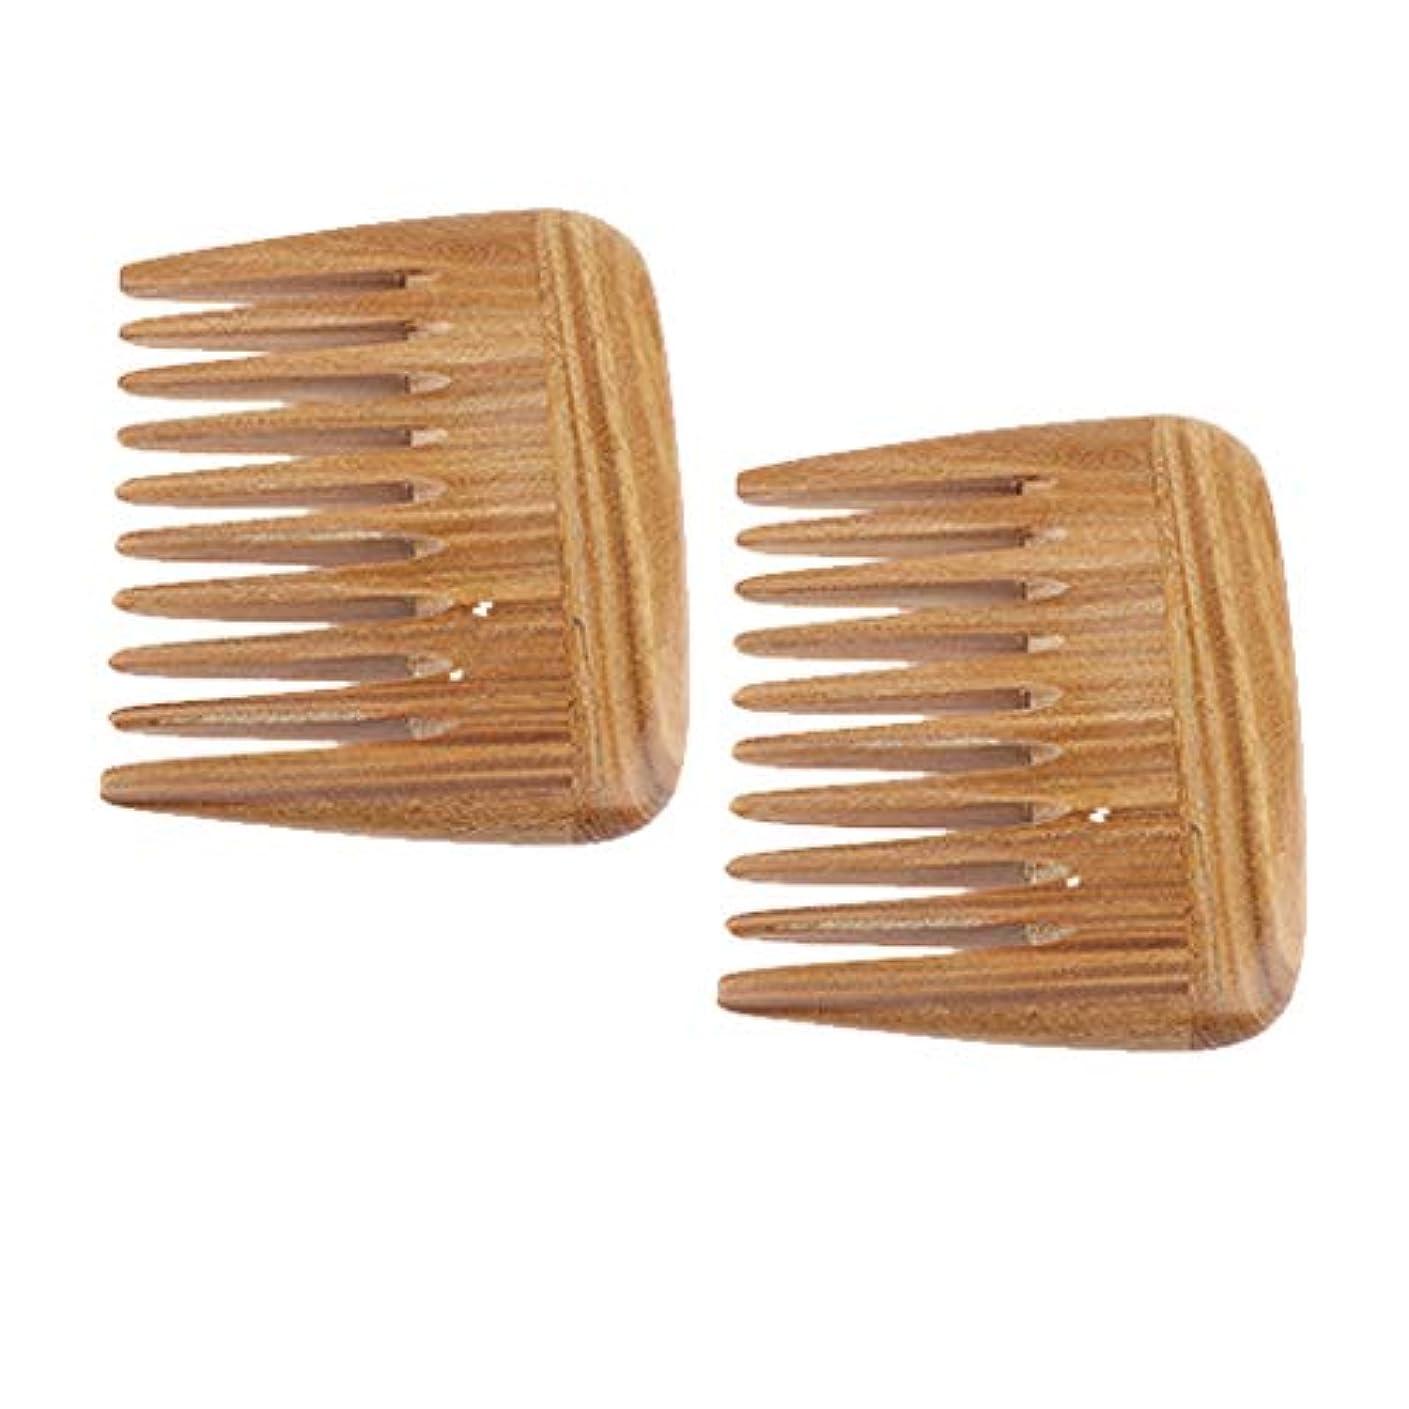 天才起こる水っぽいB Baosity 2個 静電気防止櫛 ポケット 広い歯 ヘアコーム 木製櫛 プレゼント